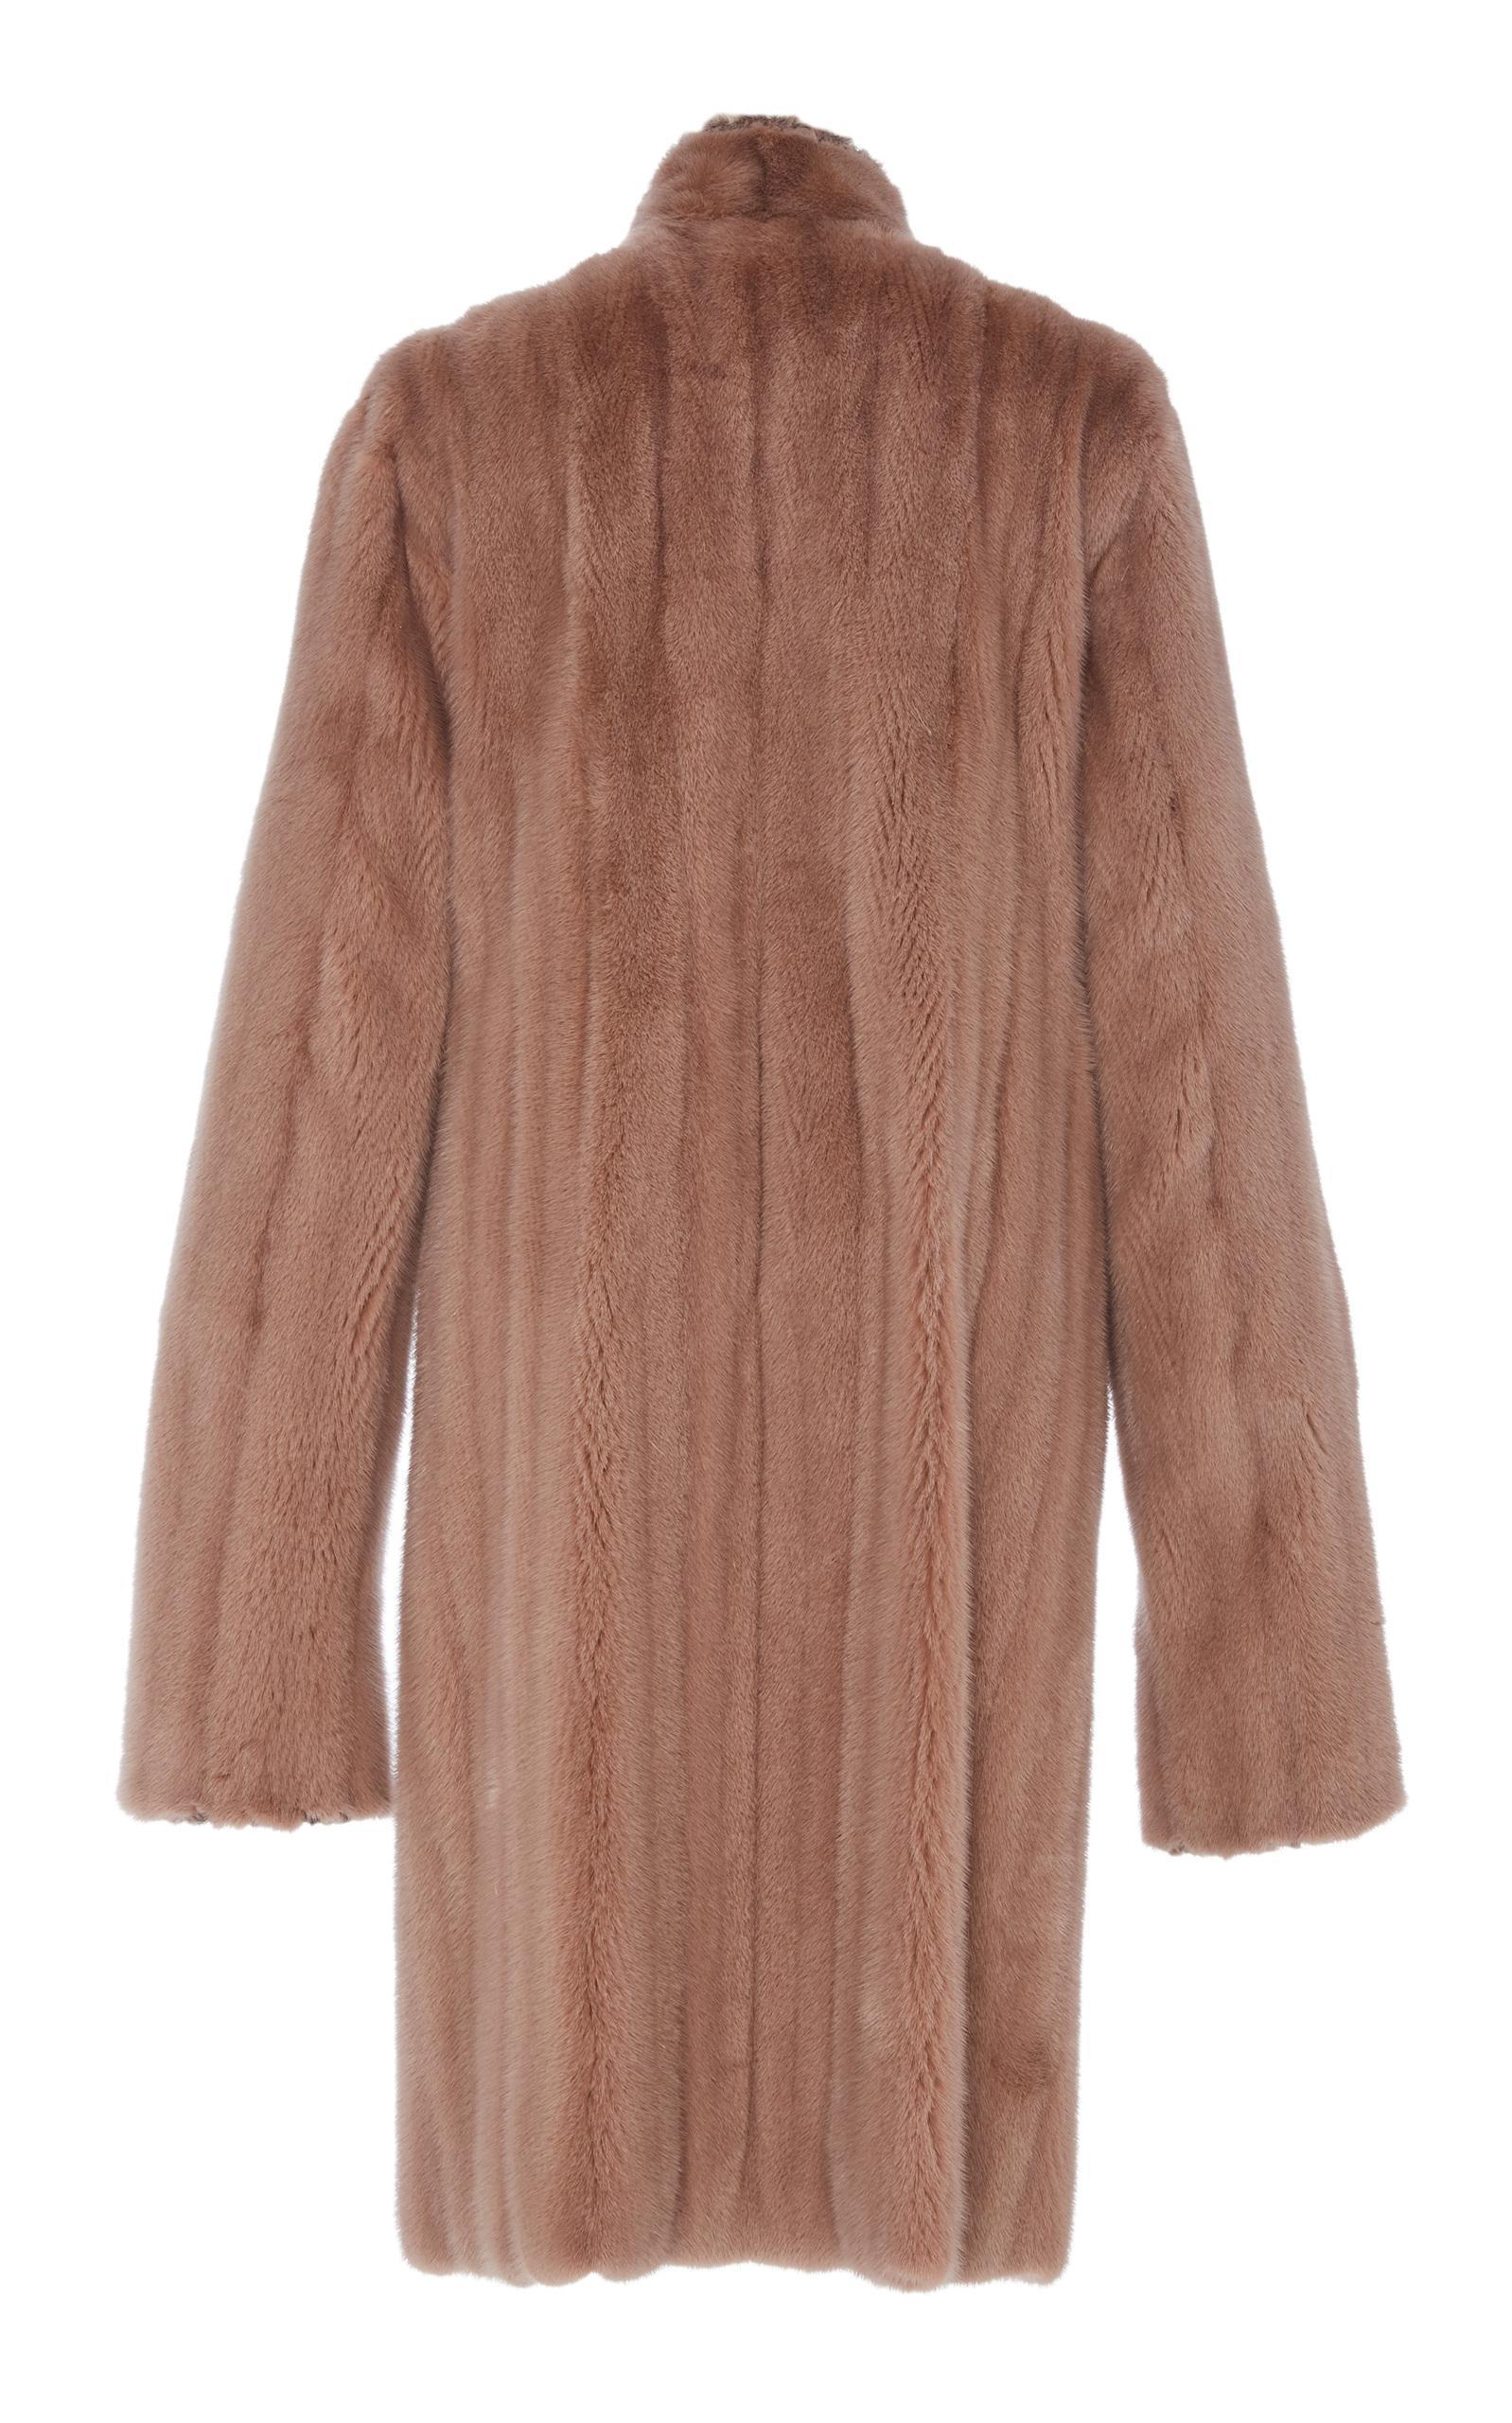 677a96ecb pink fur coat - Ecosia